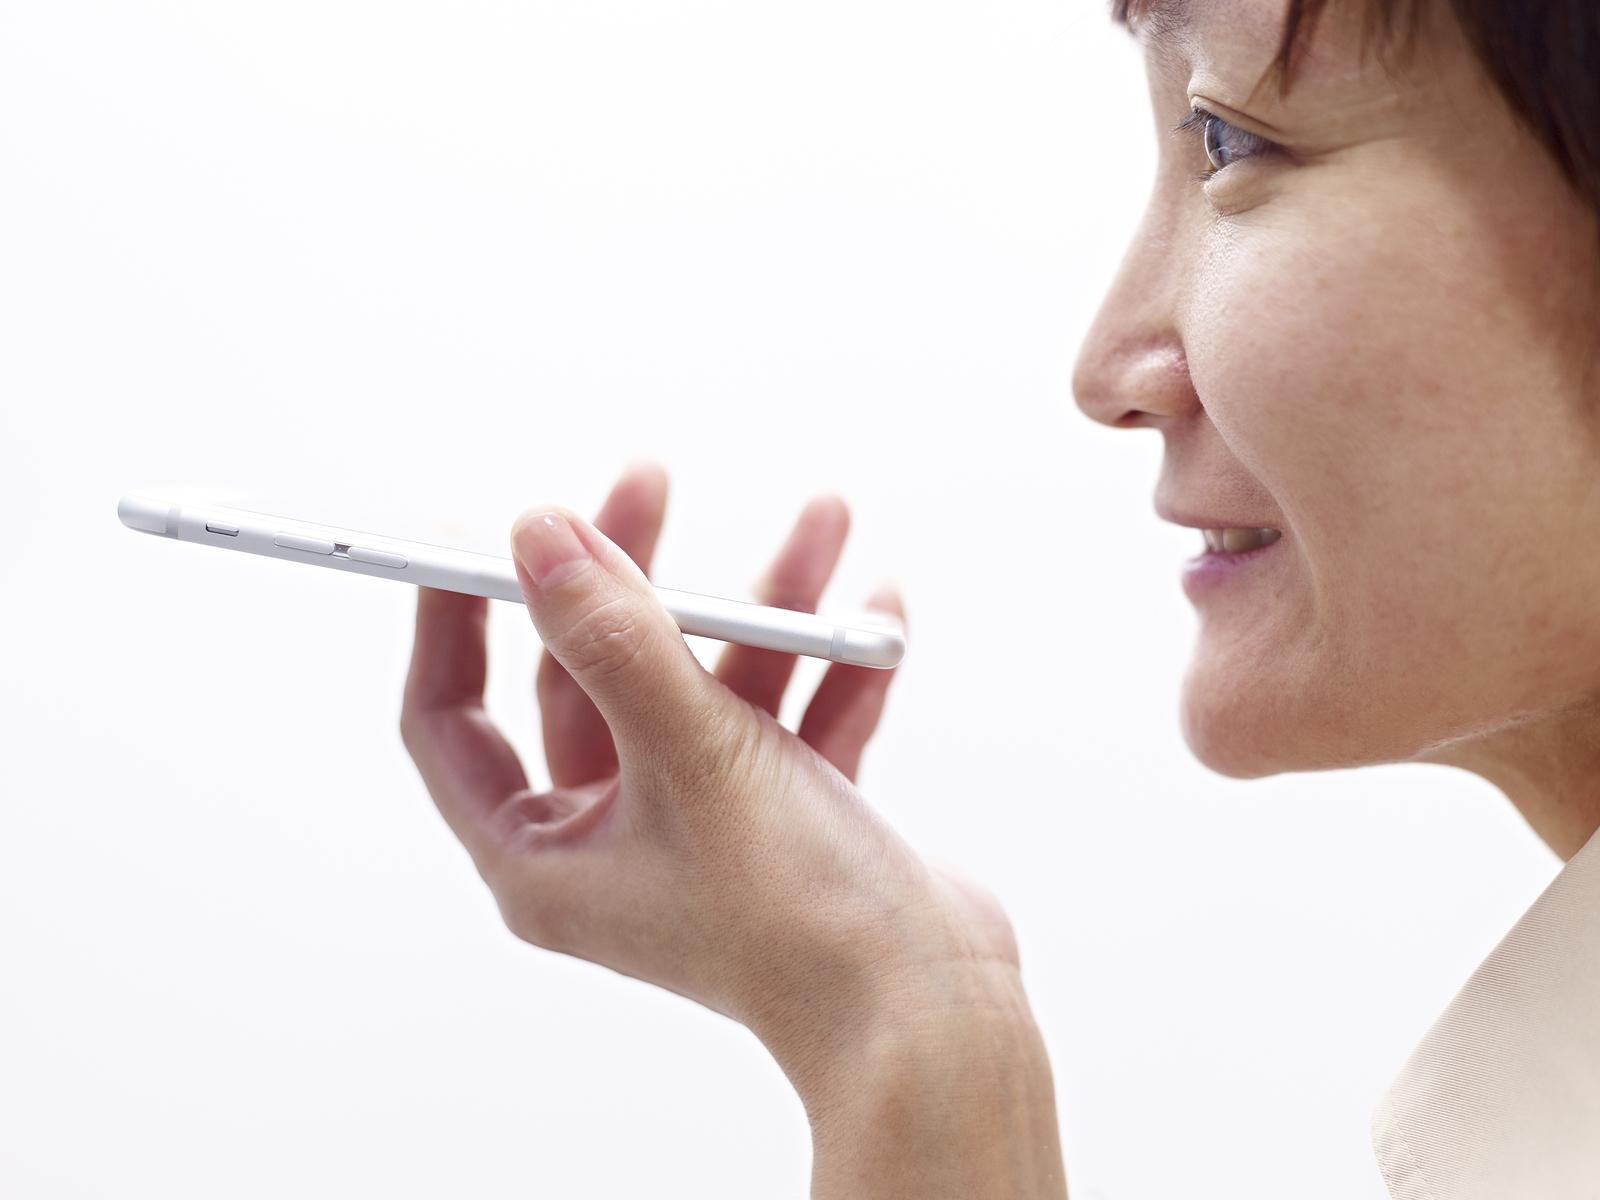 Spraak zoekopdracht in smartphone